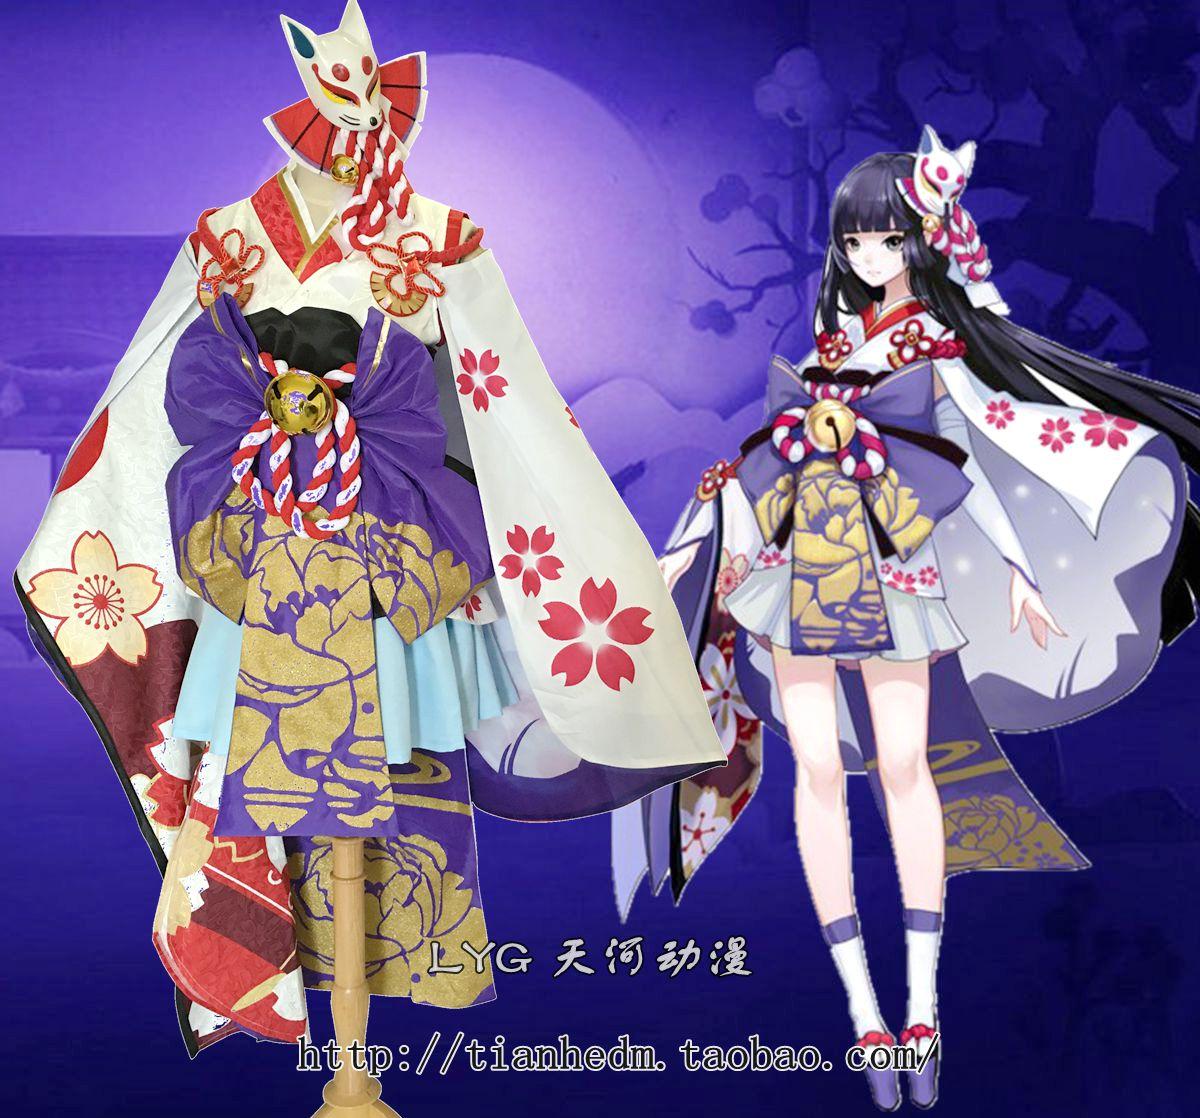 阴阳师cos 雪女cos服 雪女月见之樱cos 式神cosplay和服女装现货